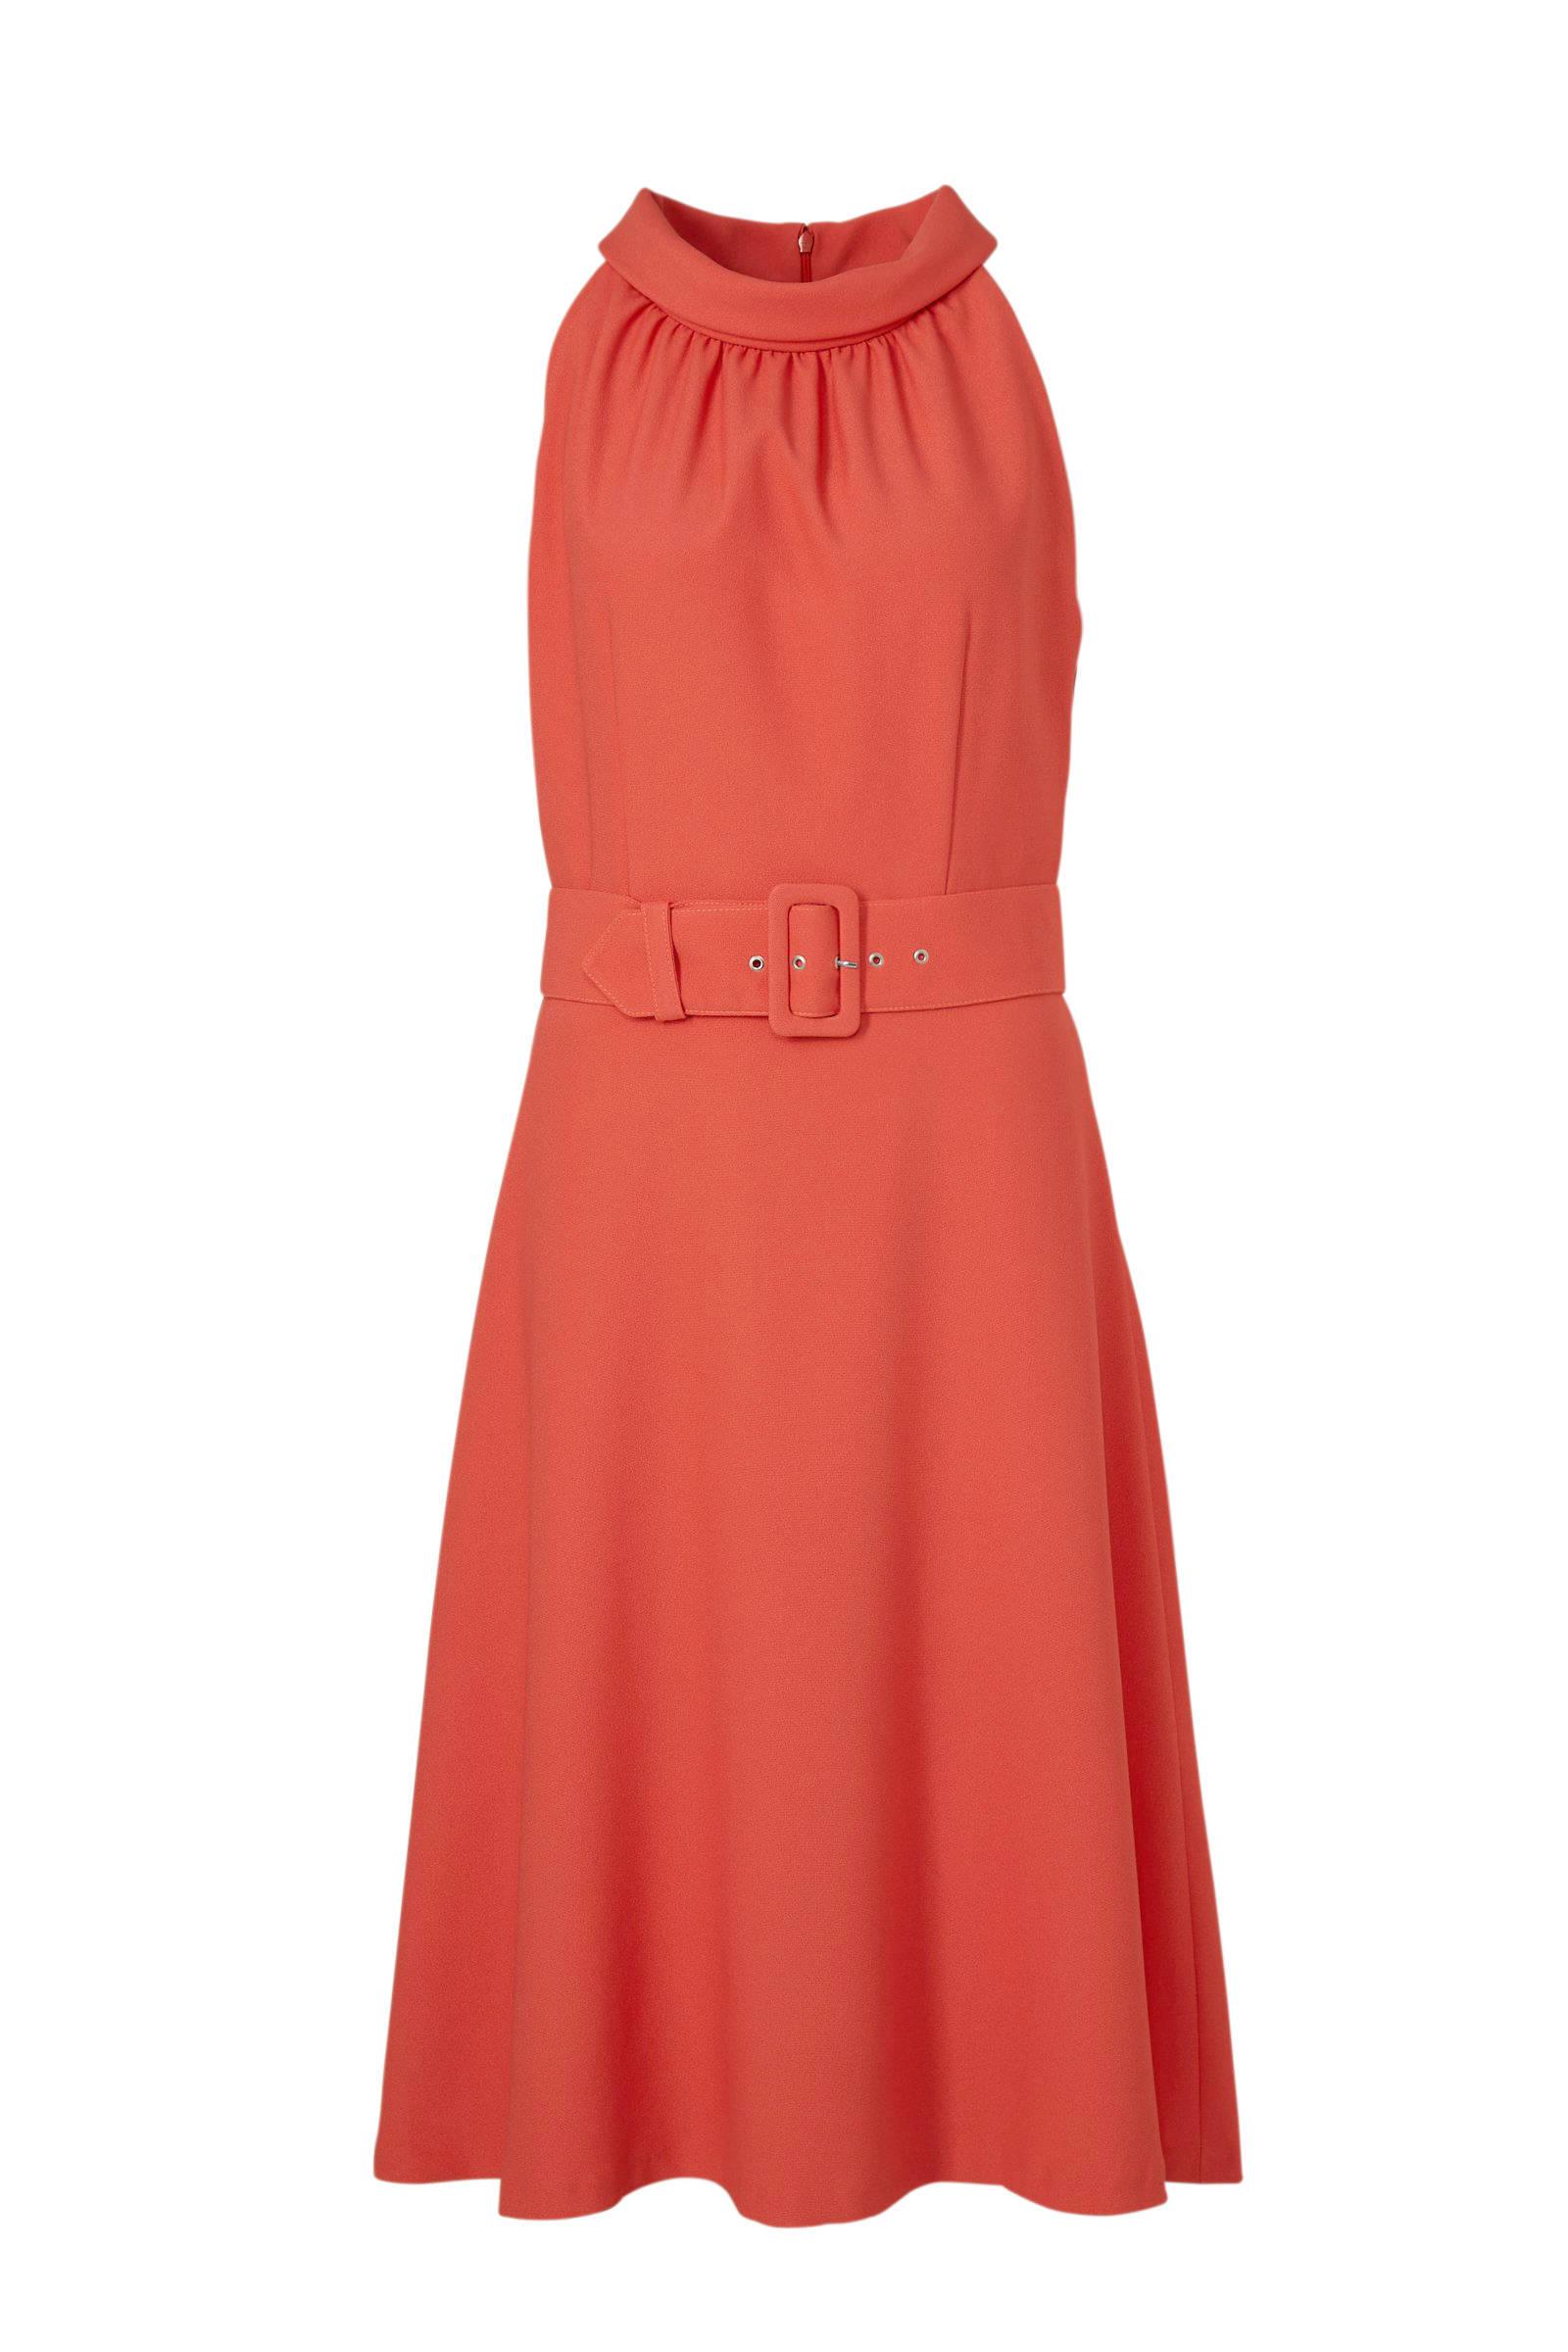 475e3229ff91b5 Dames jurken bij wehkamp - Gratis bezorging vanaf 20.-